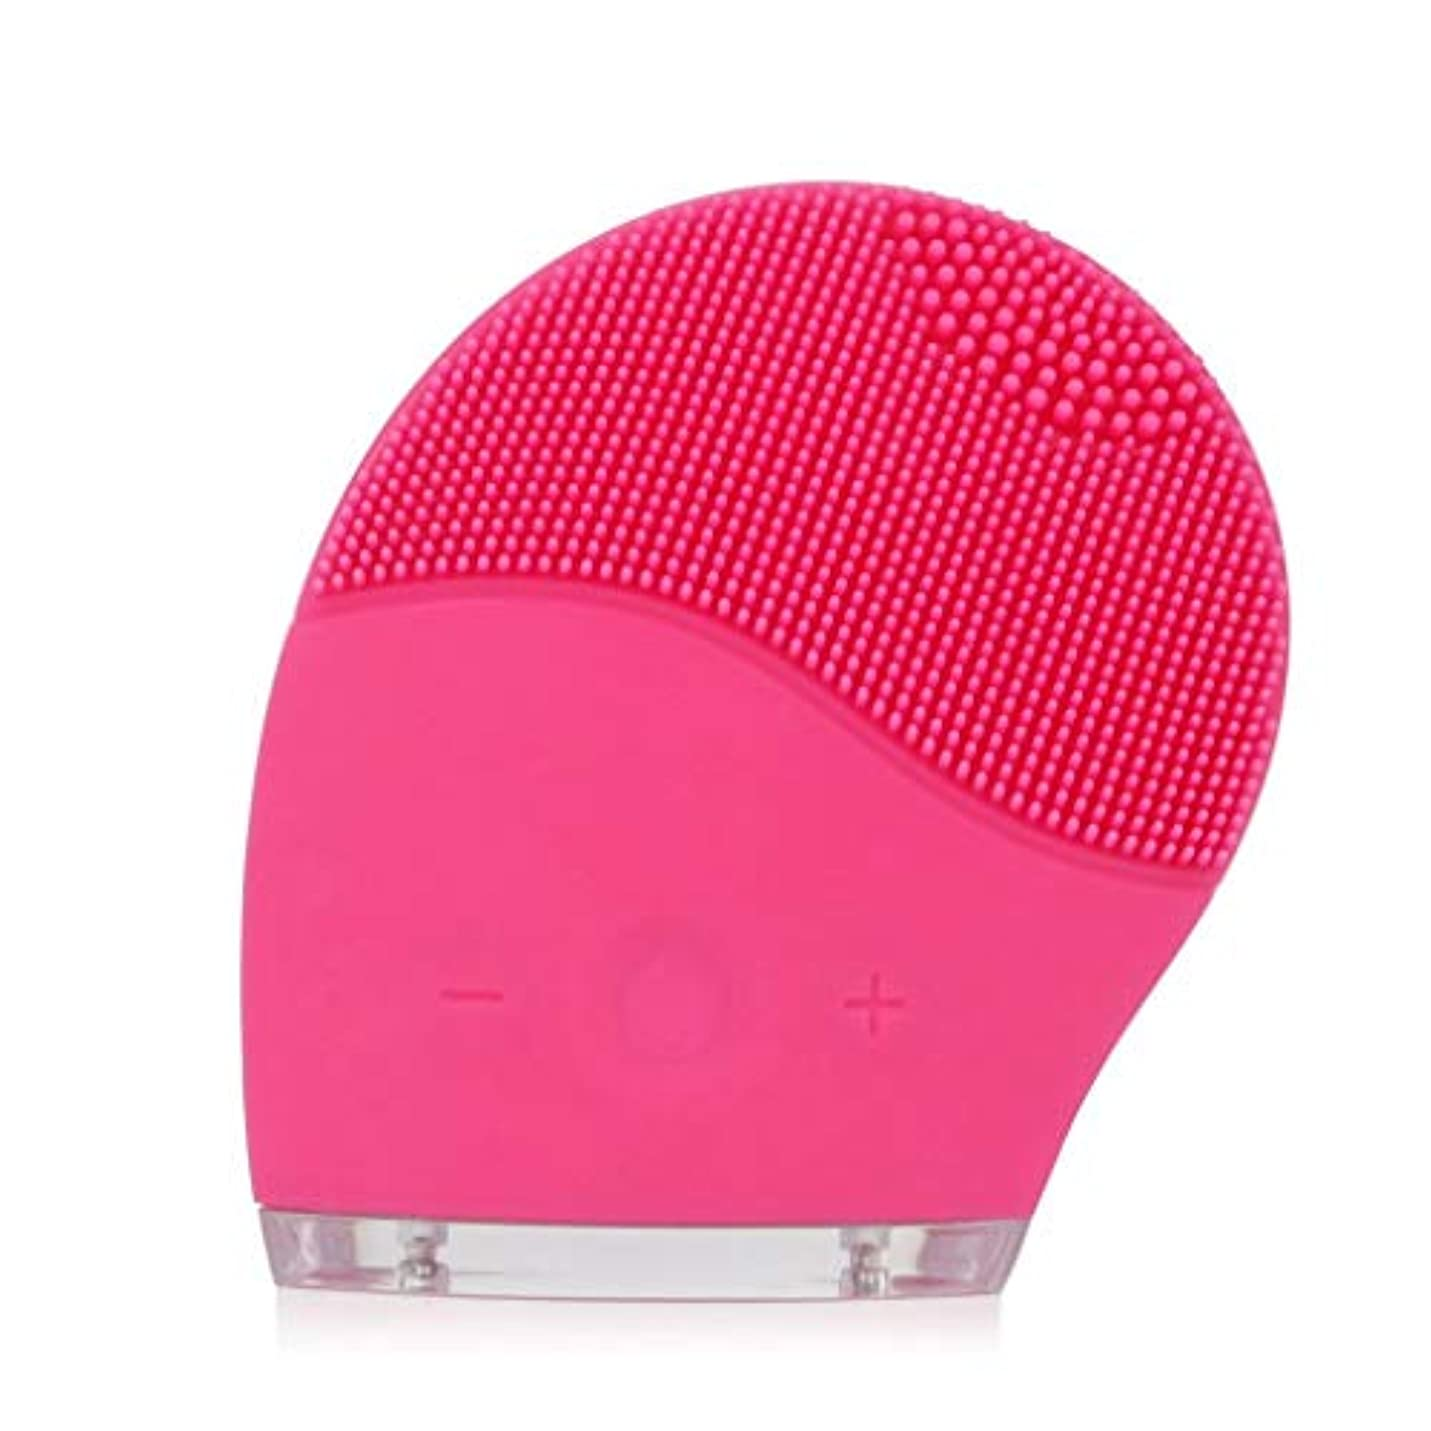 程度幅ひどくフェイシャルクレンジングブラシ、電気シリコーンフェイシャルマッサージブラシ防水アンチエイジングスキンクレンザー、ディープエクスフォリエイティングメイクアップツール、フェイシャルポリッシュ、スクラブ (Color : Pink)